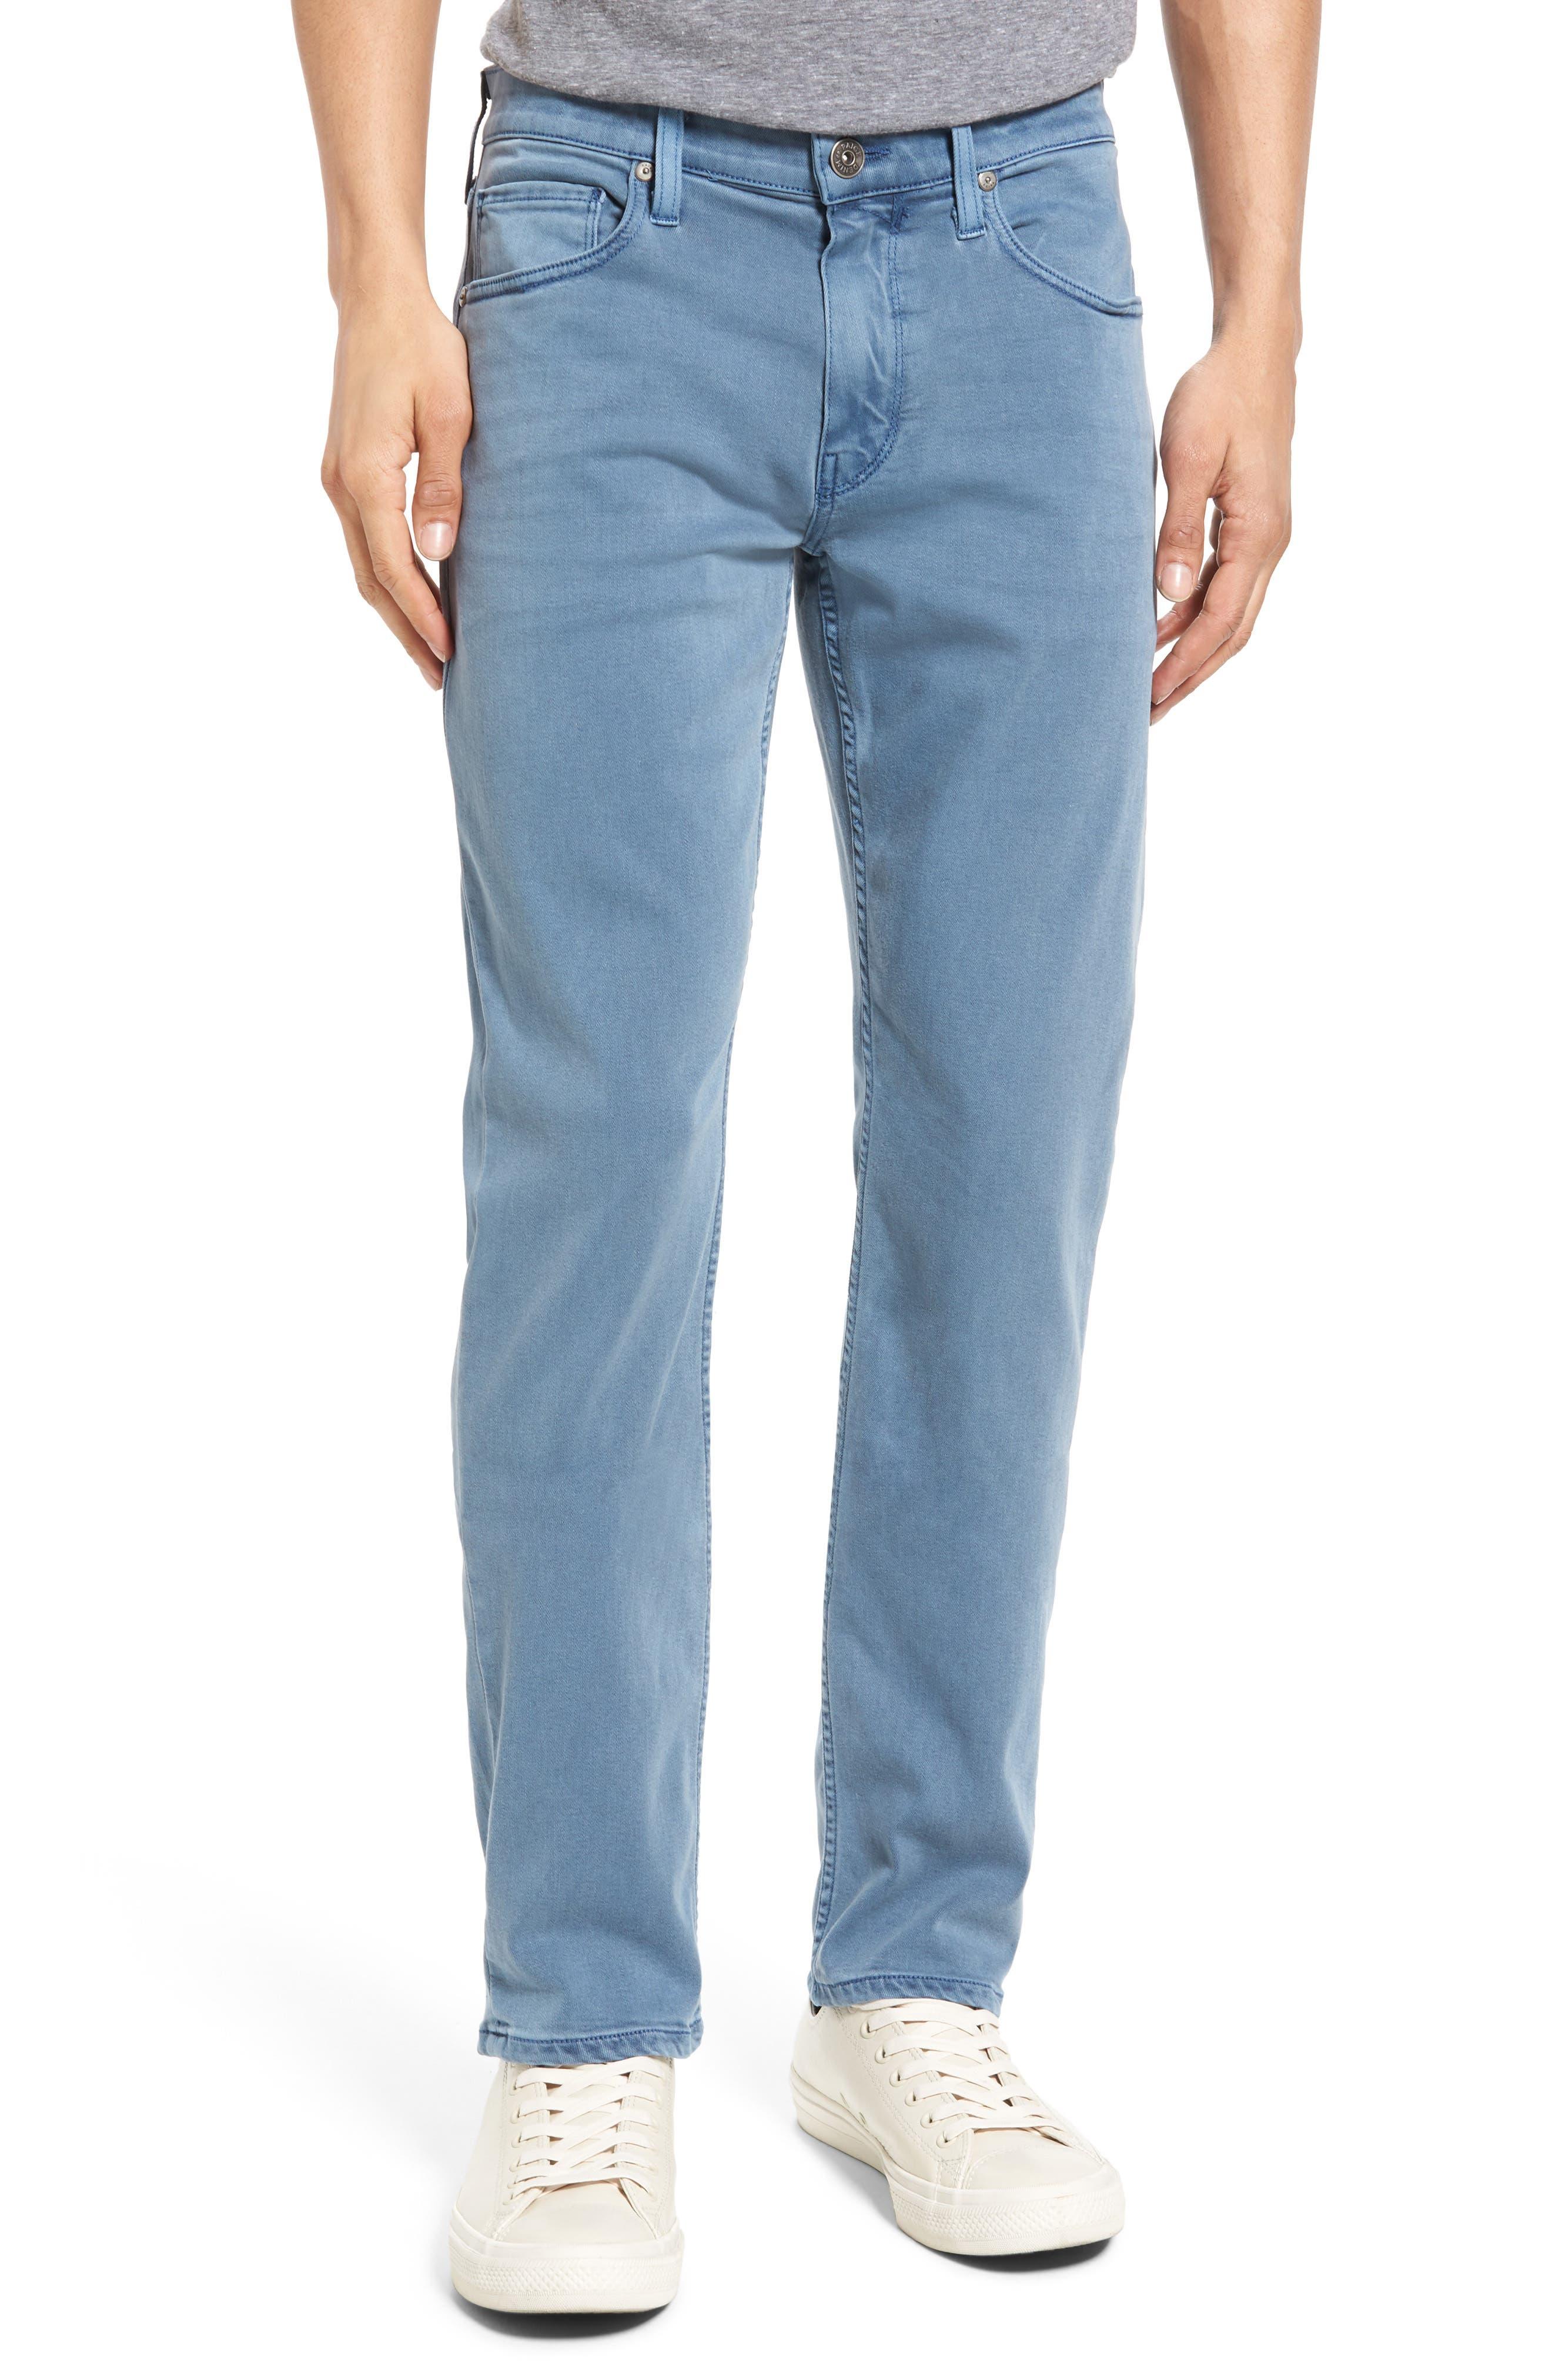 Transcend - Lennox Slim Fit Jeans,                         Main,                         color, 430